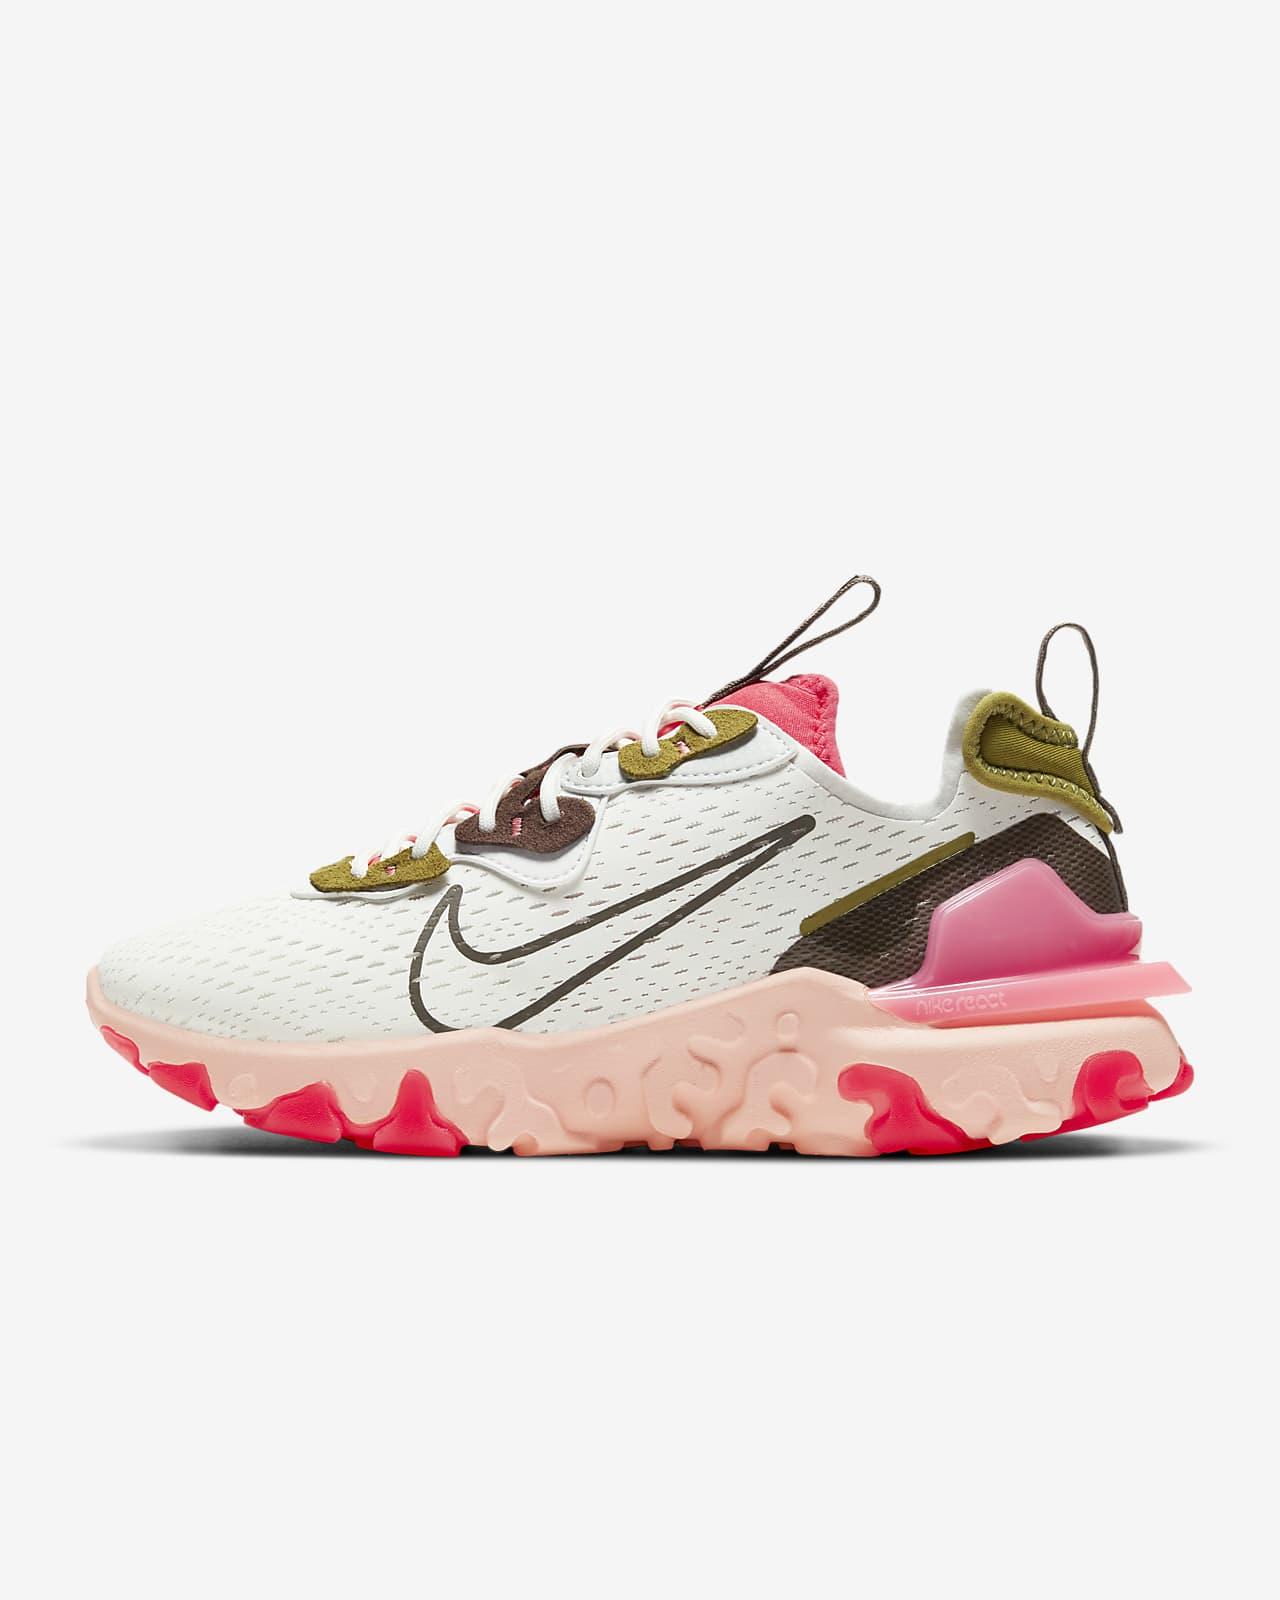 Γυναικείο παπούτσι Nike React Vision